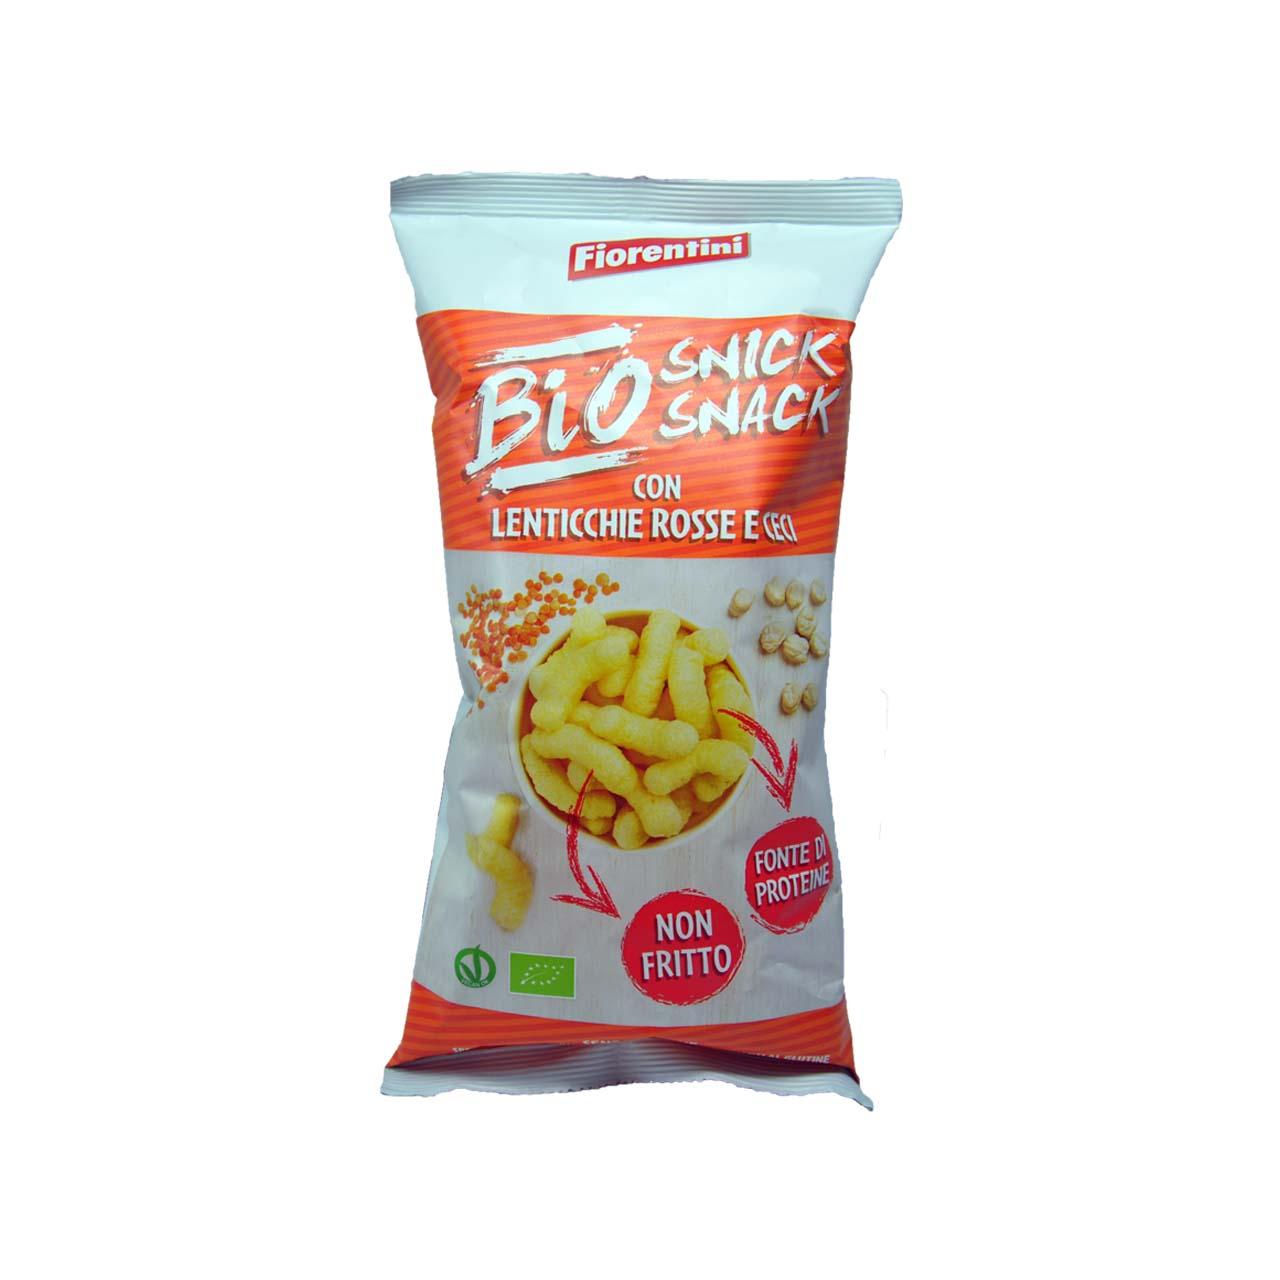 پفک برنجی ارگانیک بدون گلوتن فیورنتینی – fiorentini